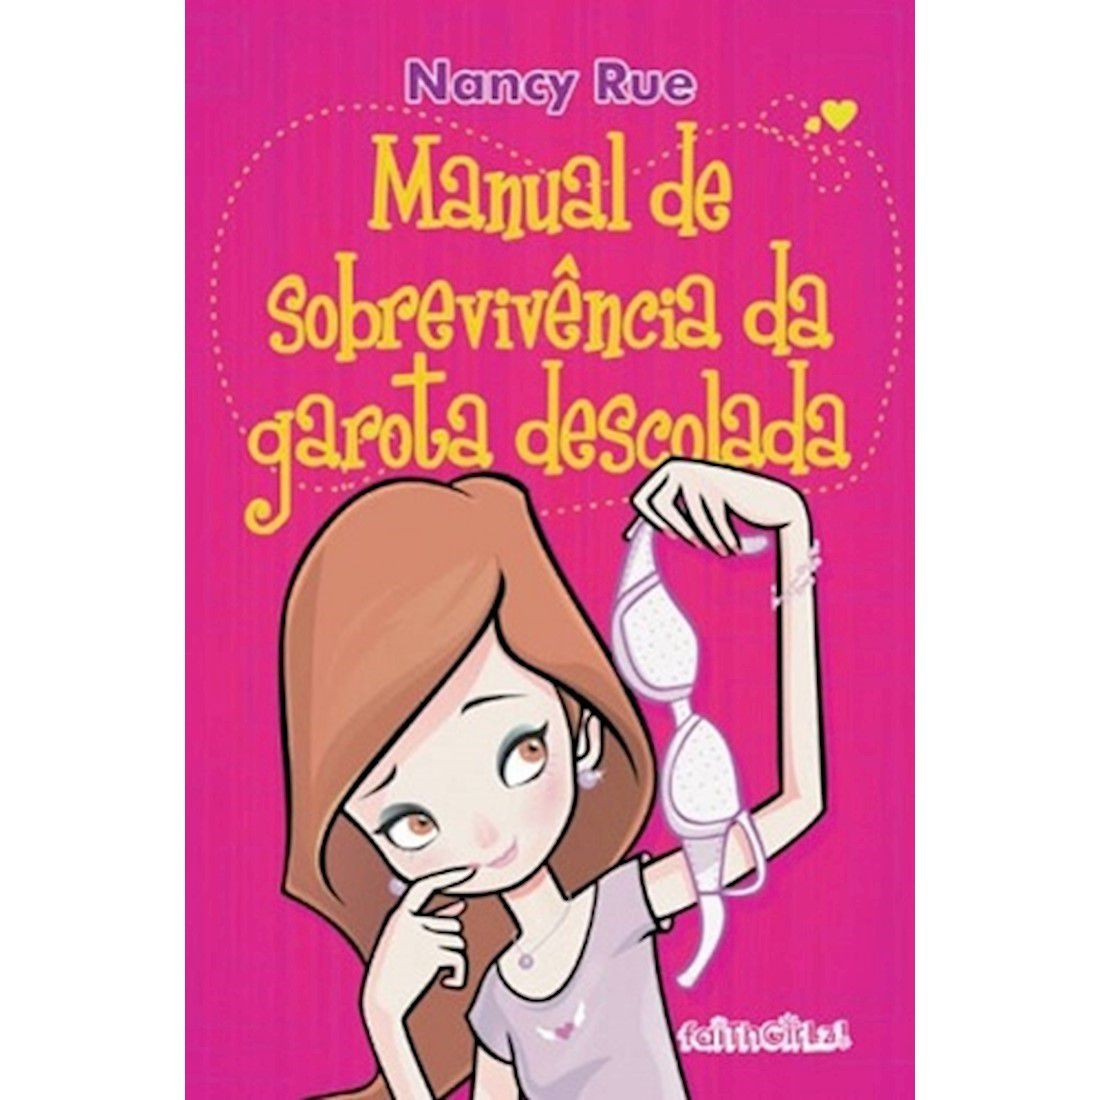 Livro Manual de Sobrevivência da Garota Descolada - Produto Reembalado